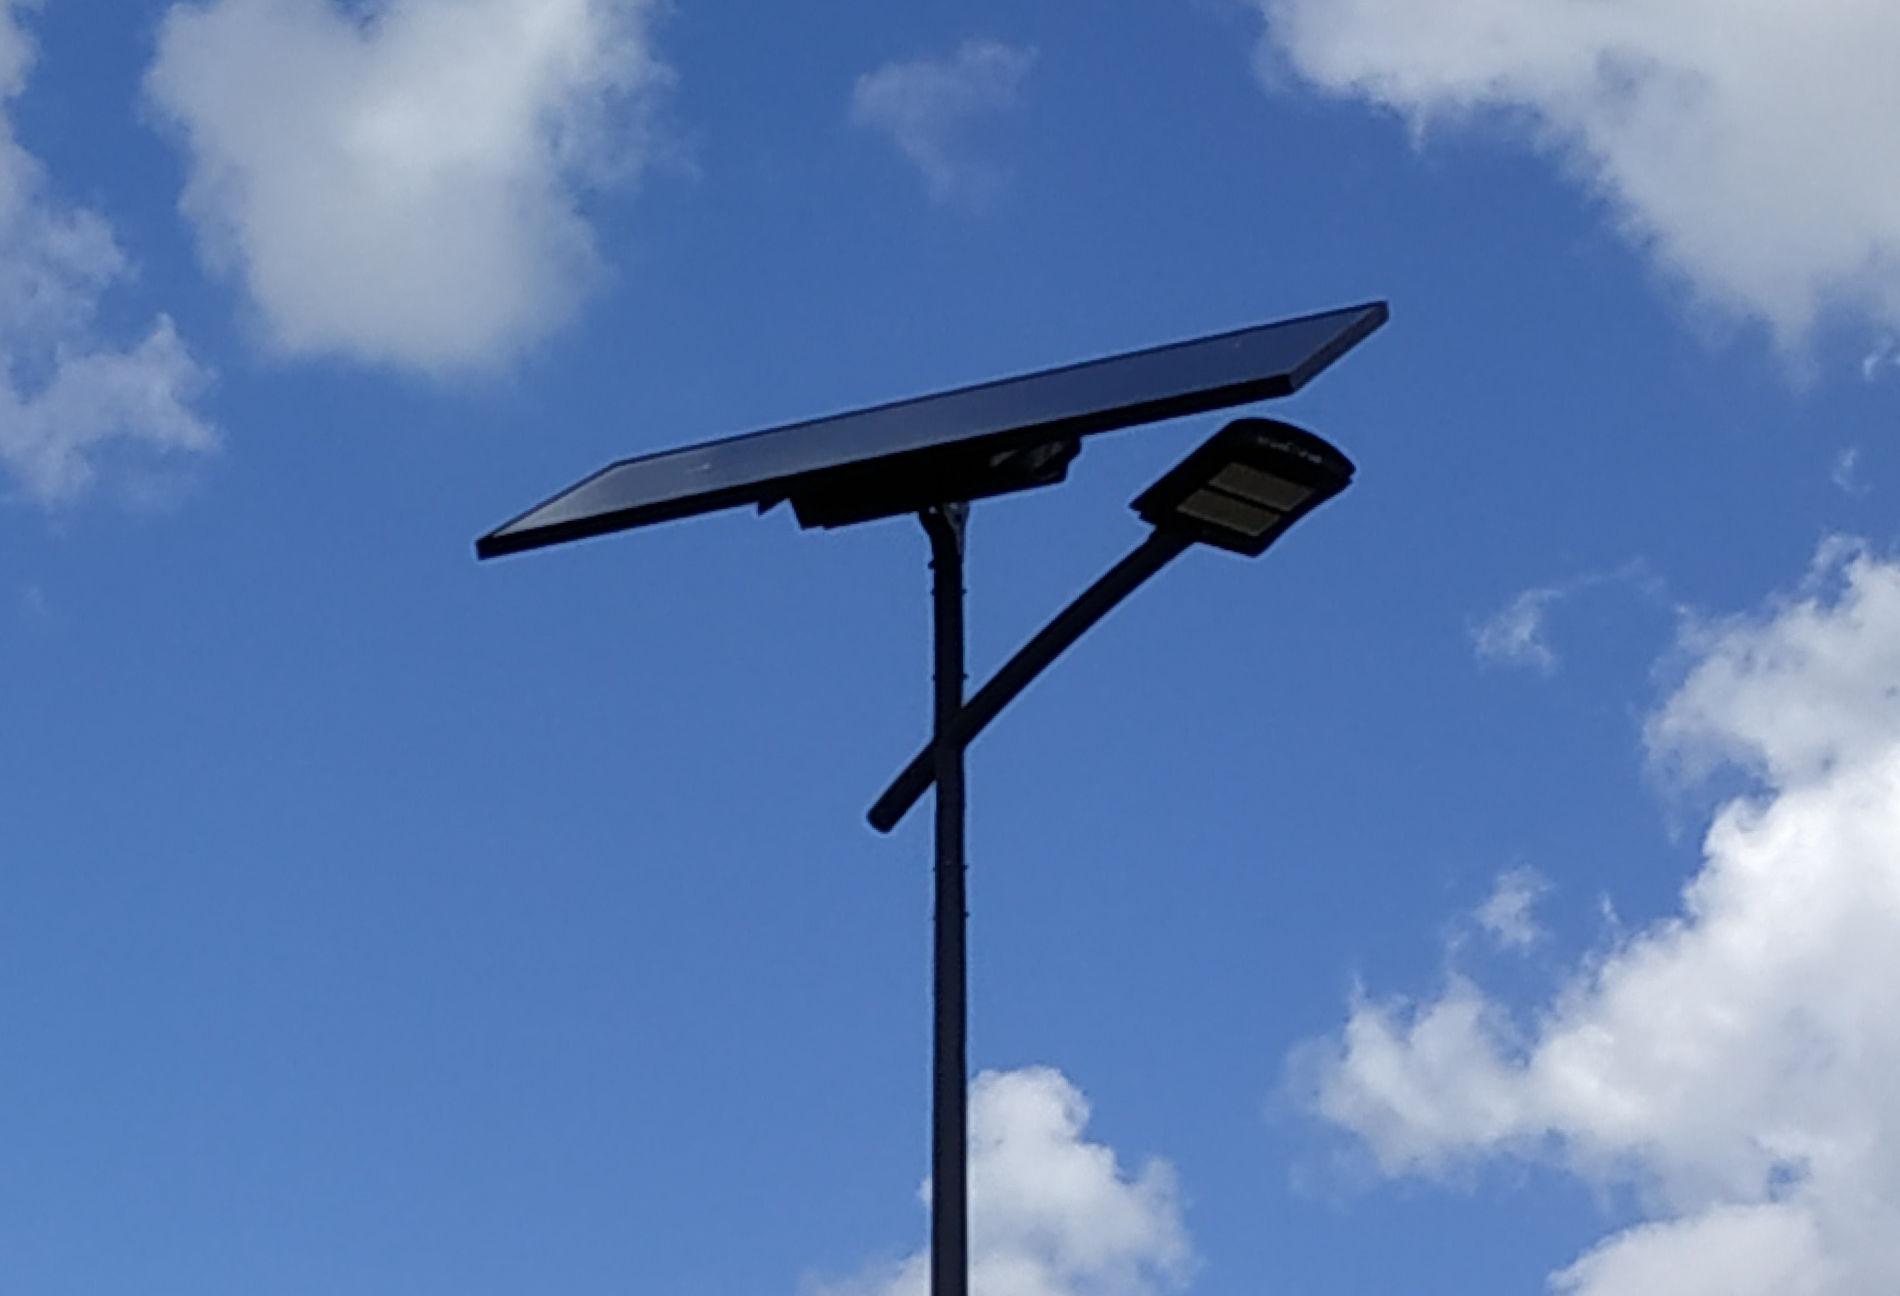 Éclairage public solaire dans la commune de Réméréville.